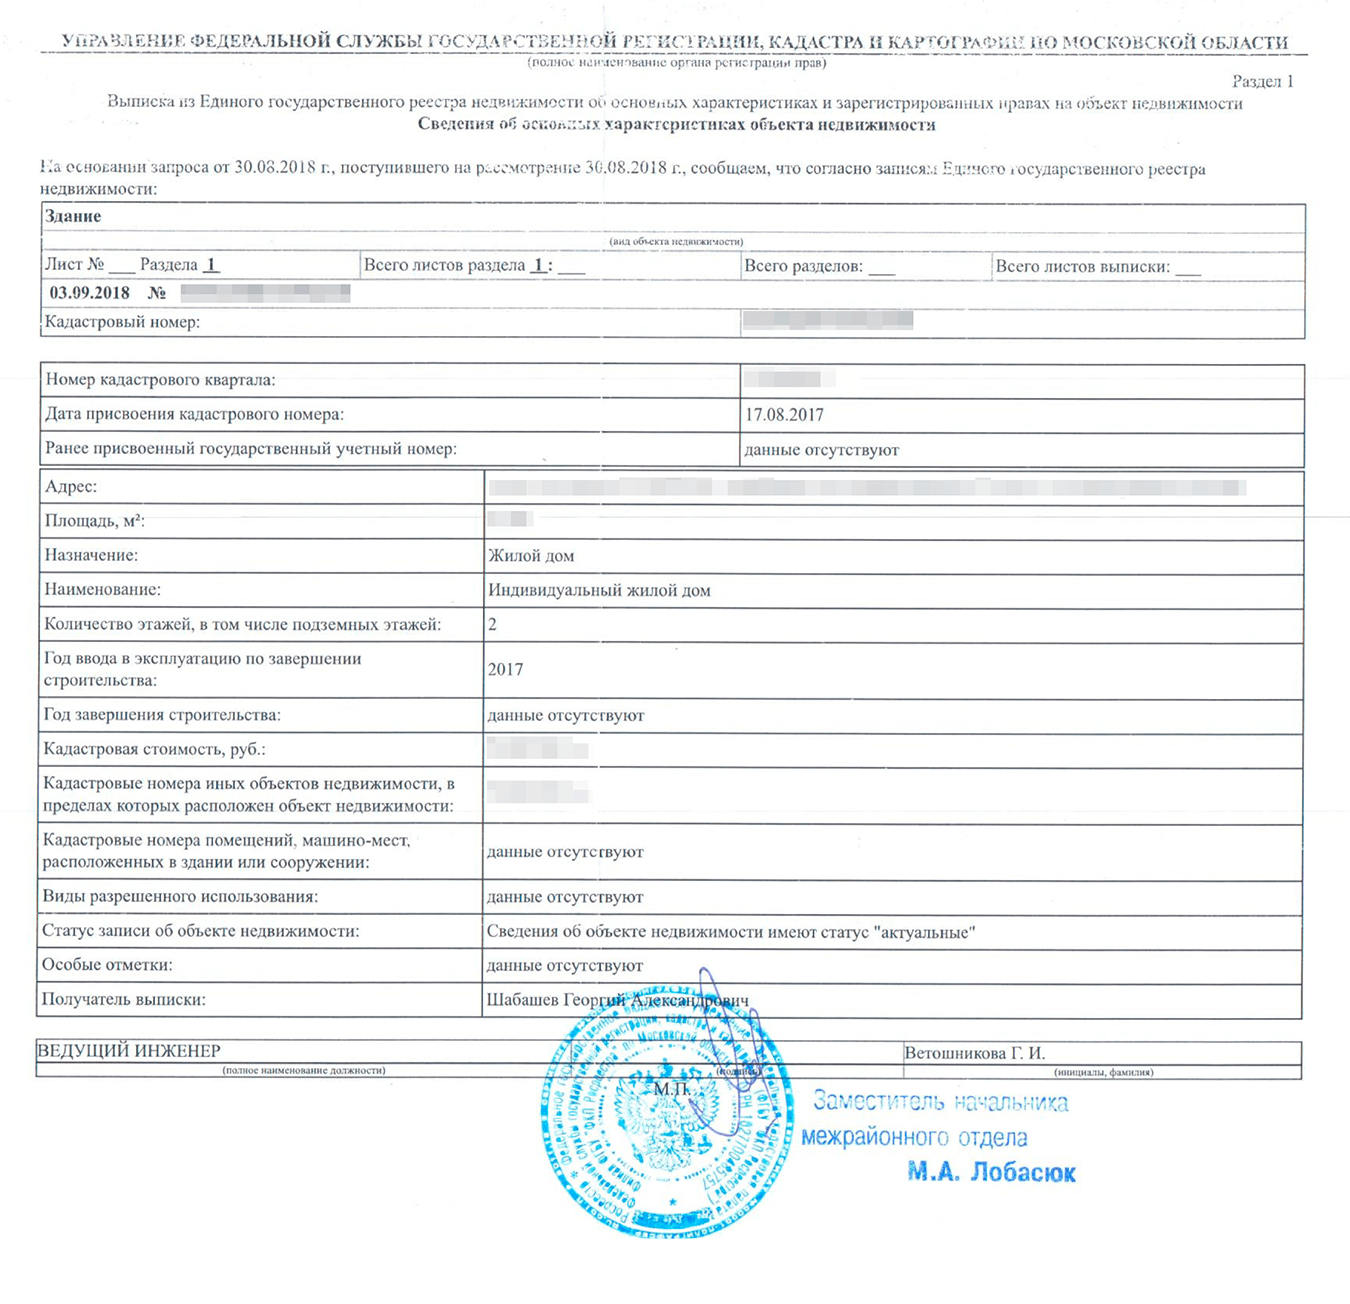 Выписка из ЕГРН: на первой странице адрес, площадь и кадастровый номер дома